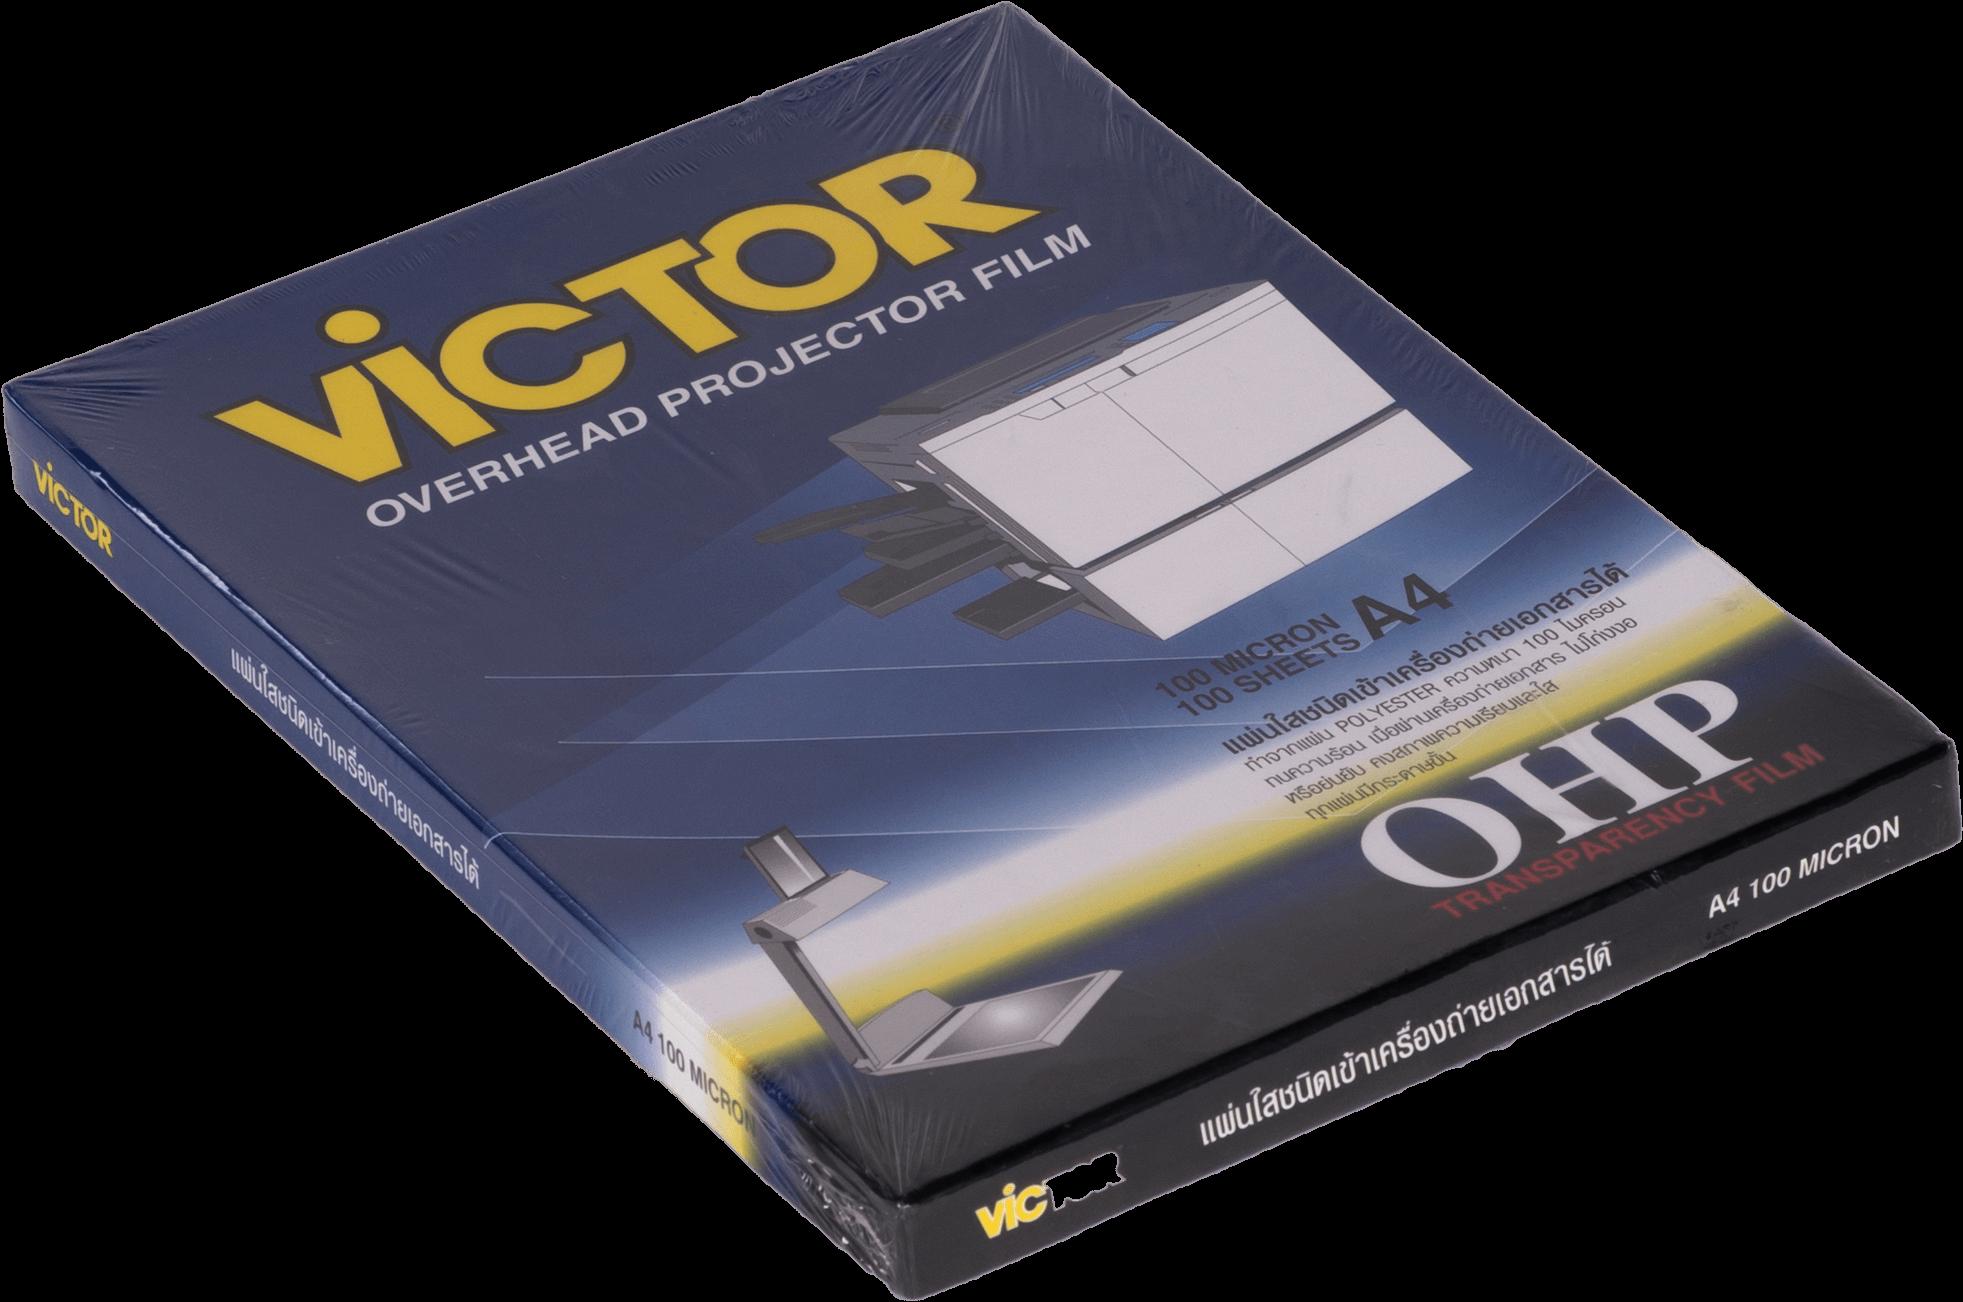 แผ่นใสสำหรับถ่ายเอกสาร VICTOR A4/100 ไมครอน (1x100)